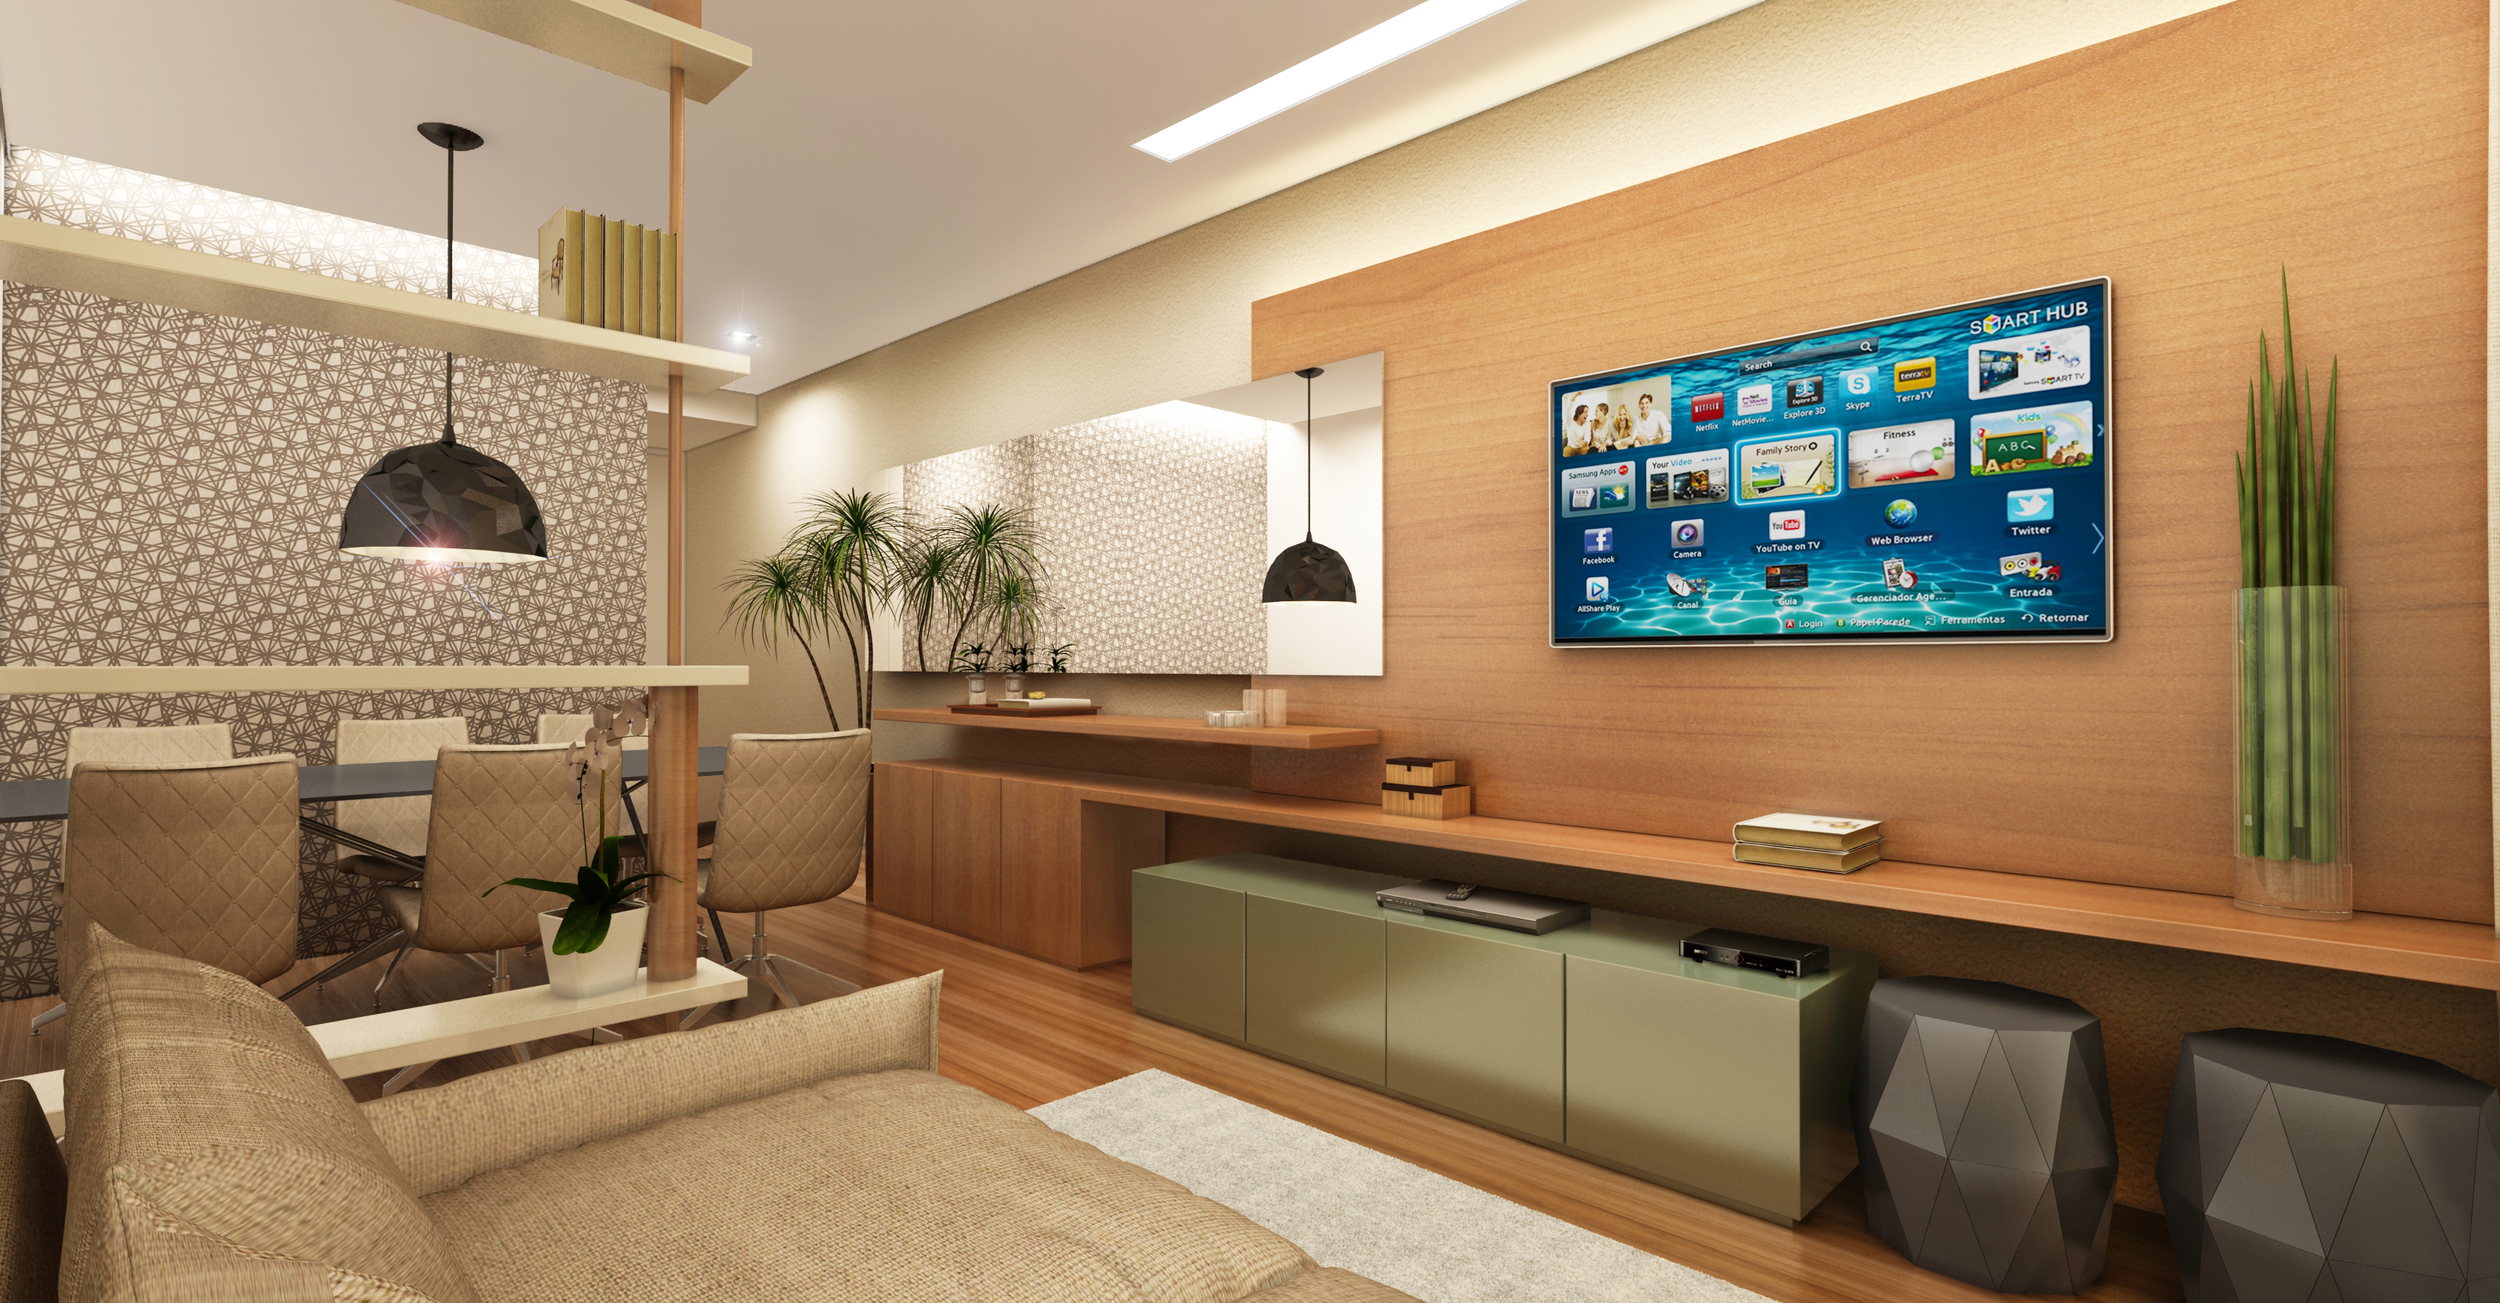 Sala  Apartamento Pompéia - São Paulo / SP - 90 m2  Projeto: Madi Arquitetura & Design  Imagem: Érica Alfieri